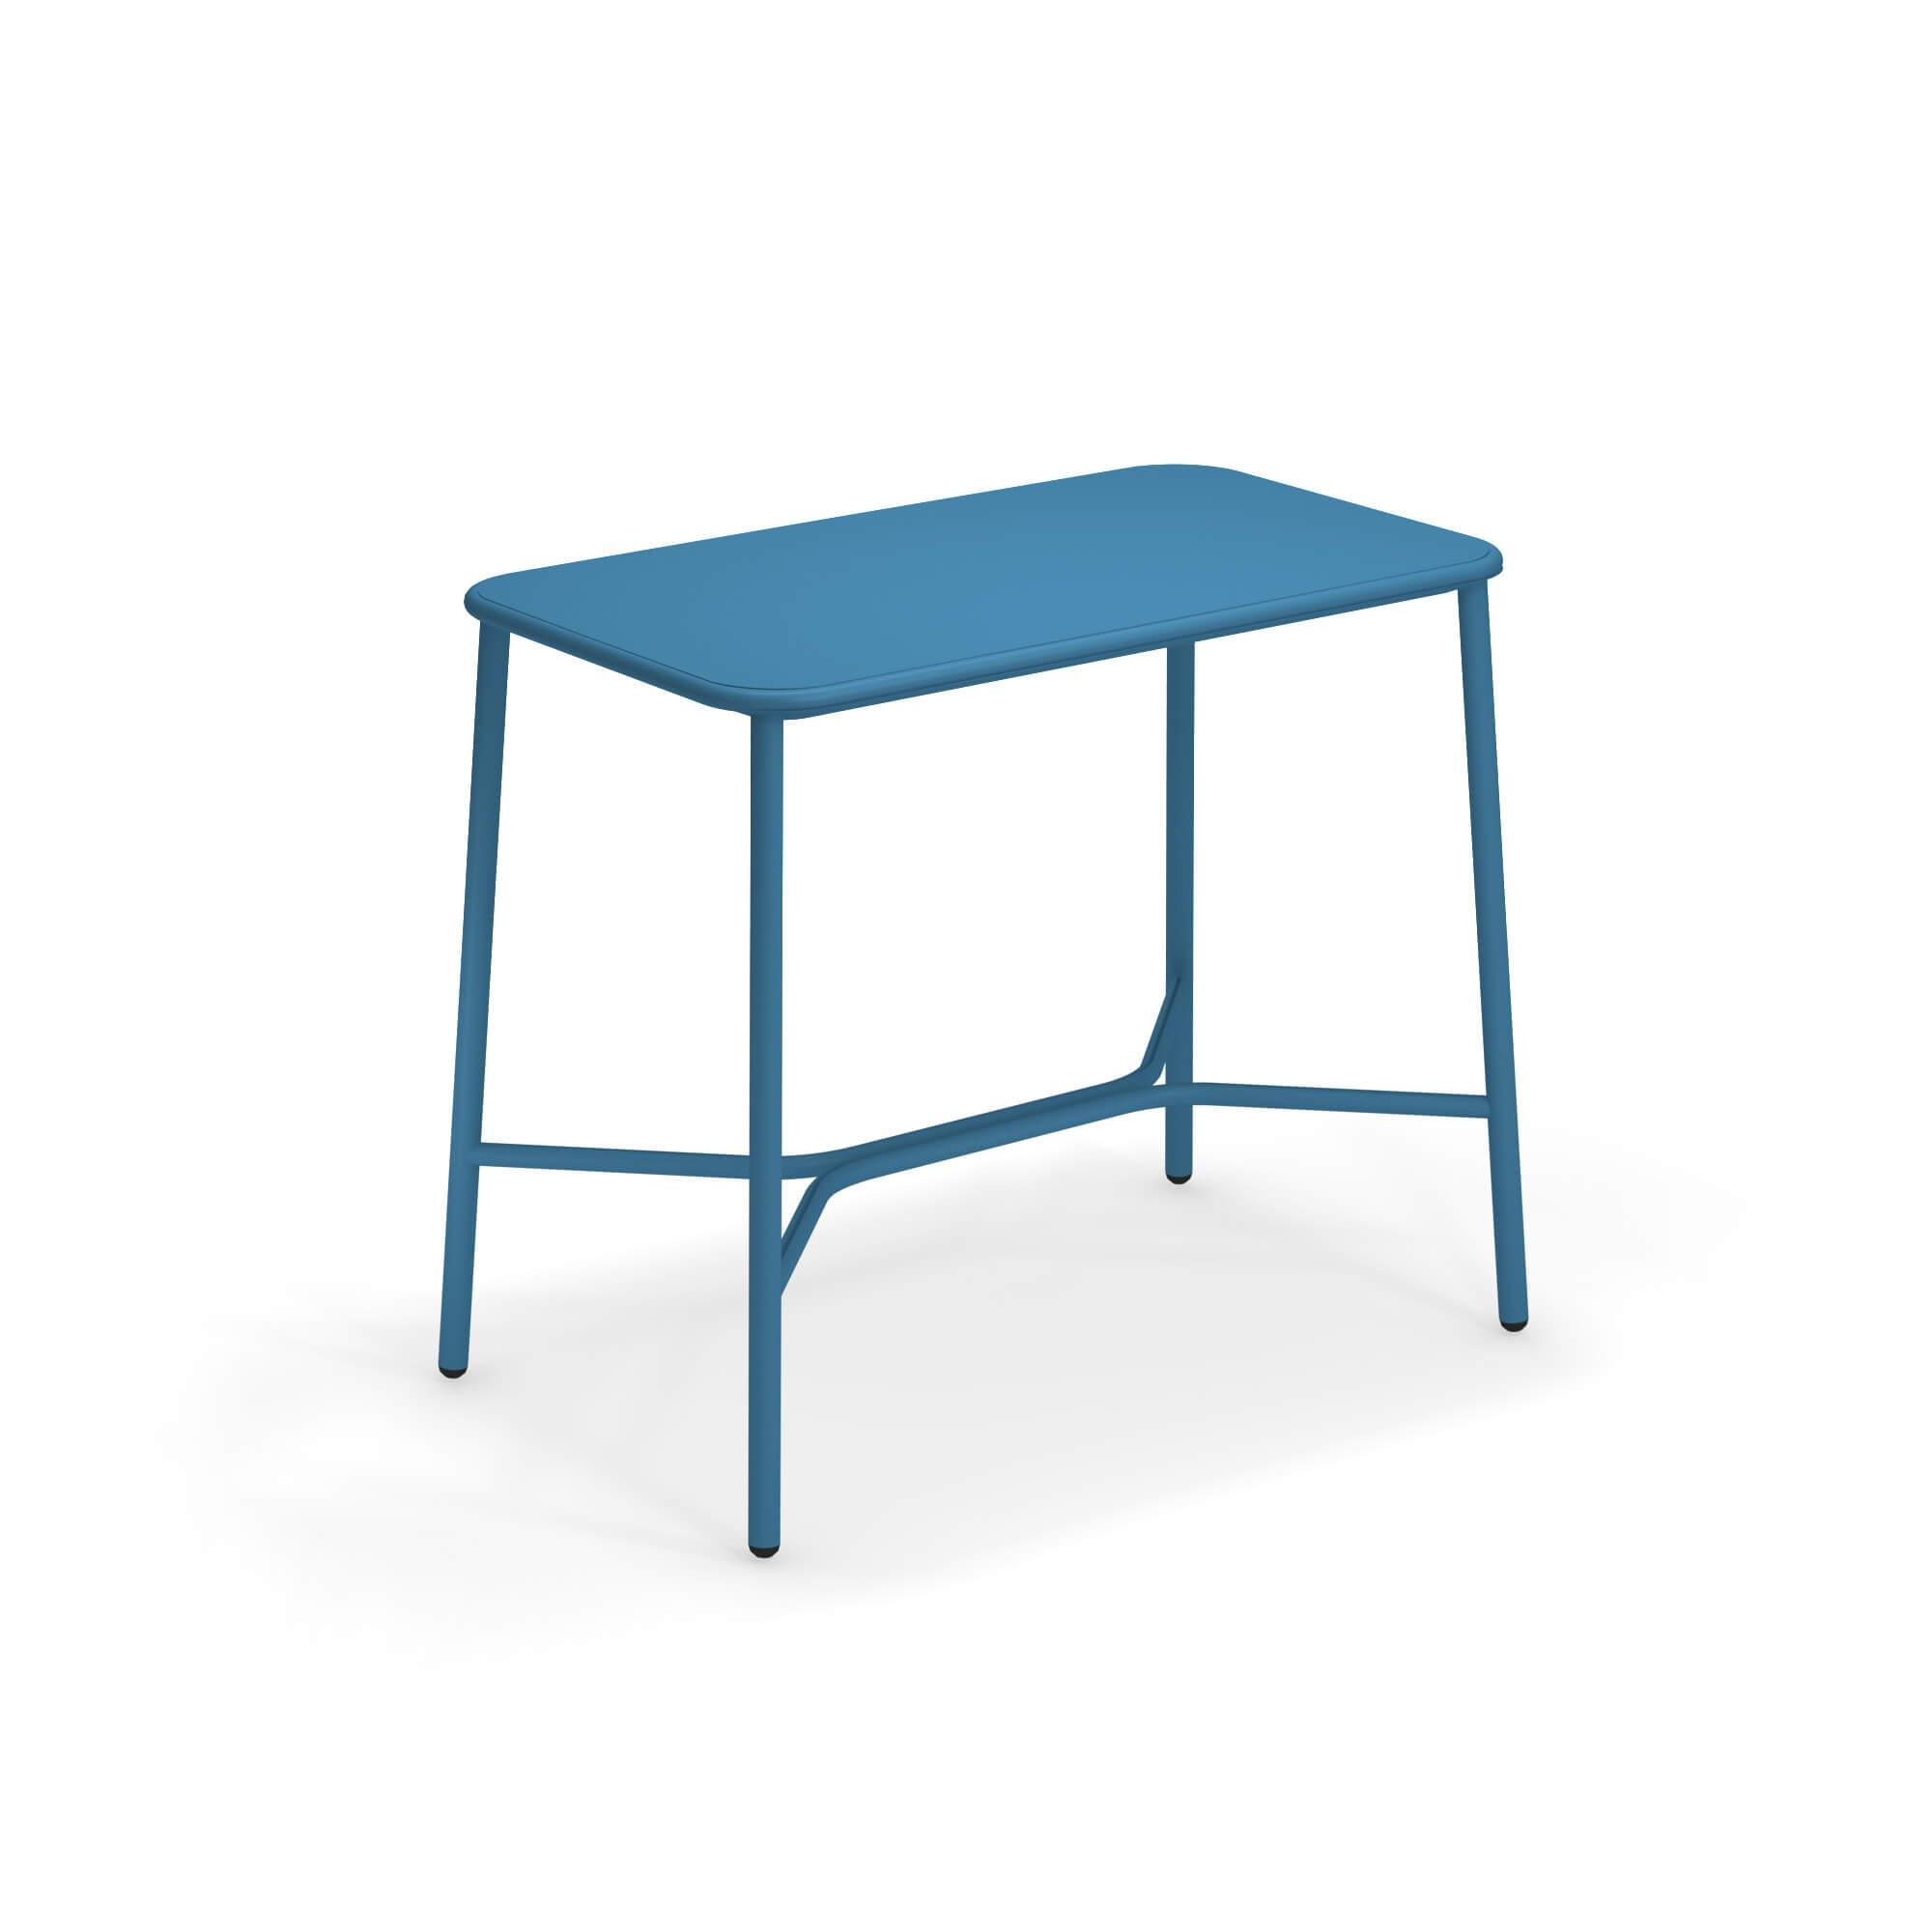 Tavolo Da Giardino 120 X 70.Tavolo Alto Con Piano In Alluminio 120x70 Da Giardino Esterno In